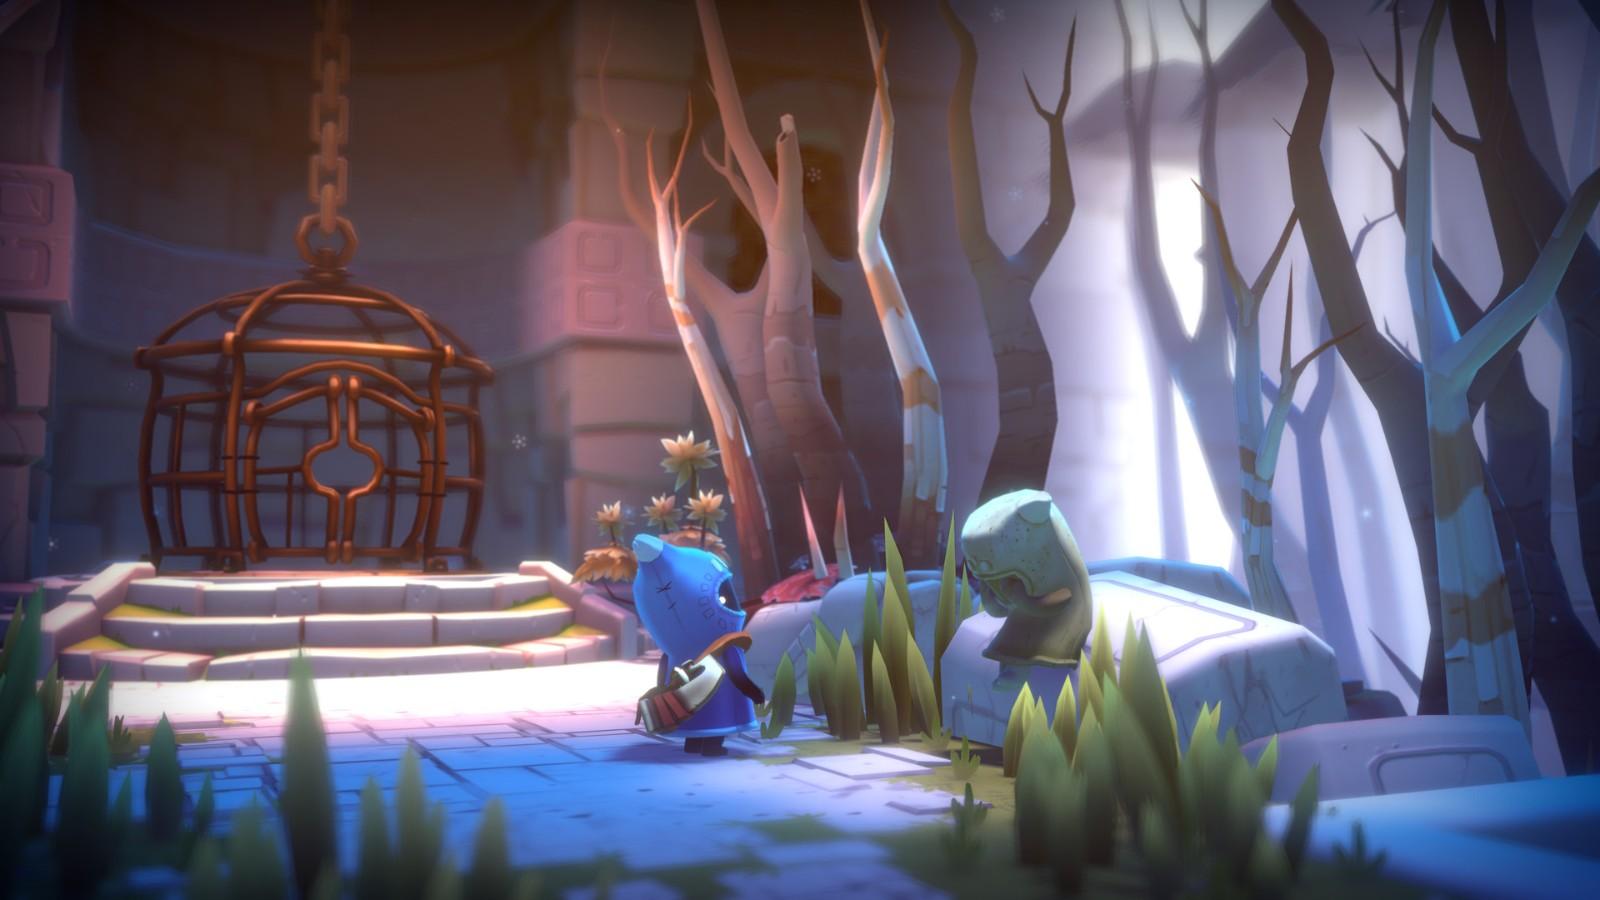 《最后的篝火》10月登Steam 《无人深空》团队打造